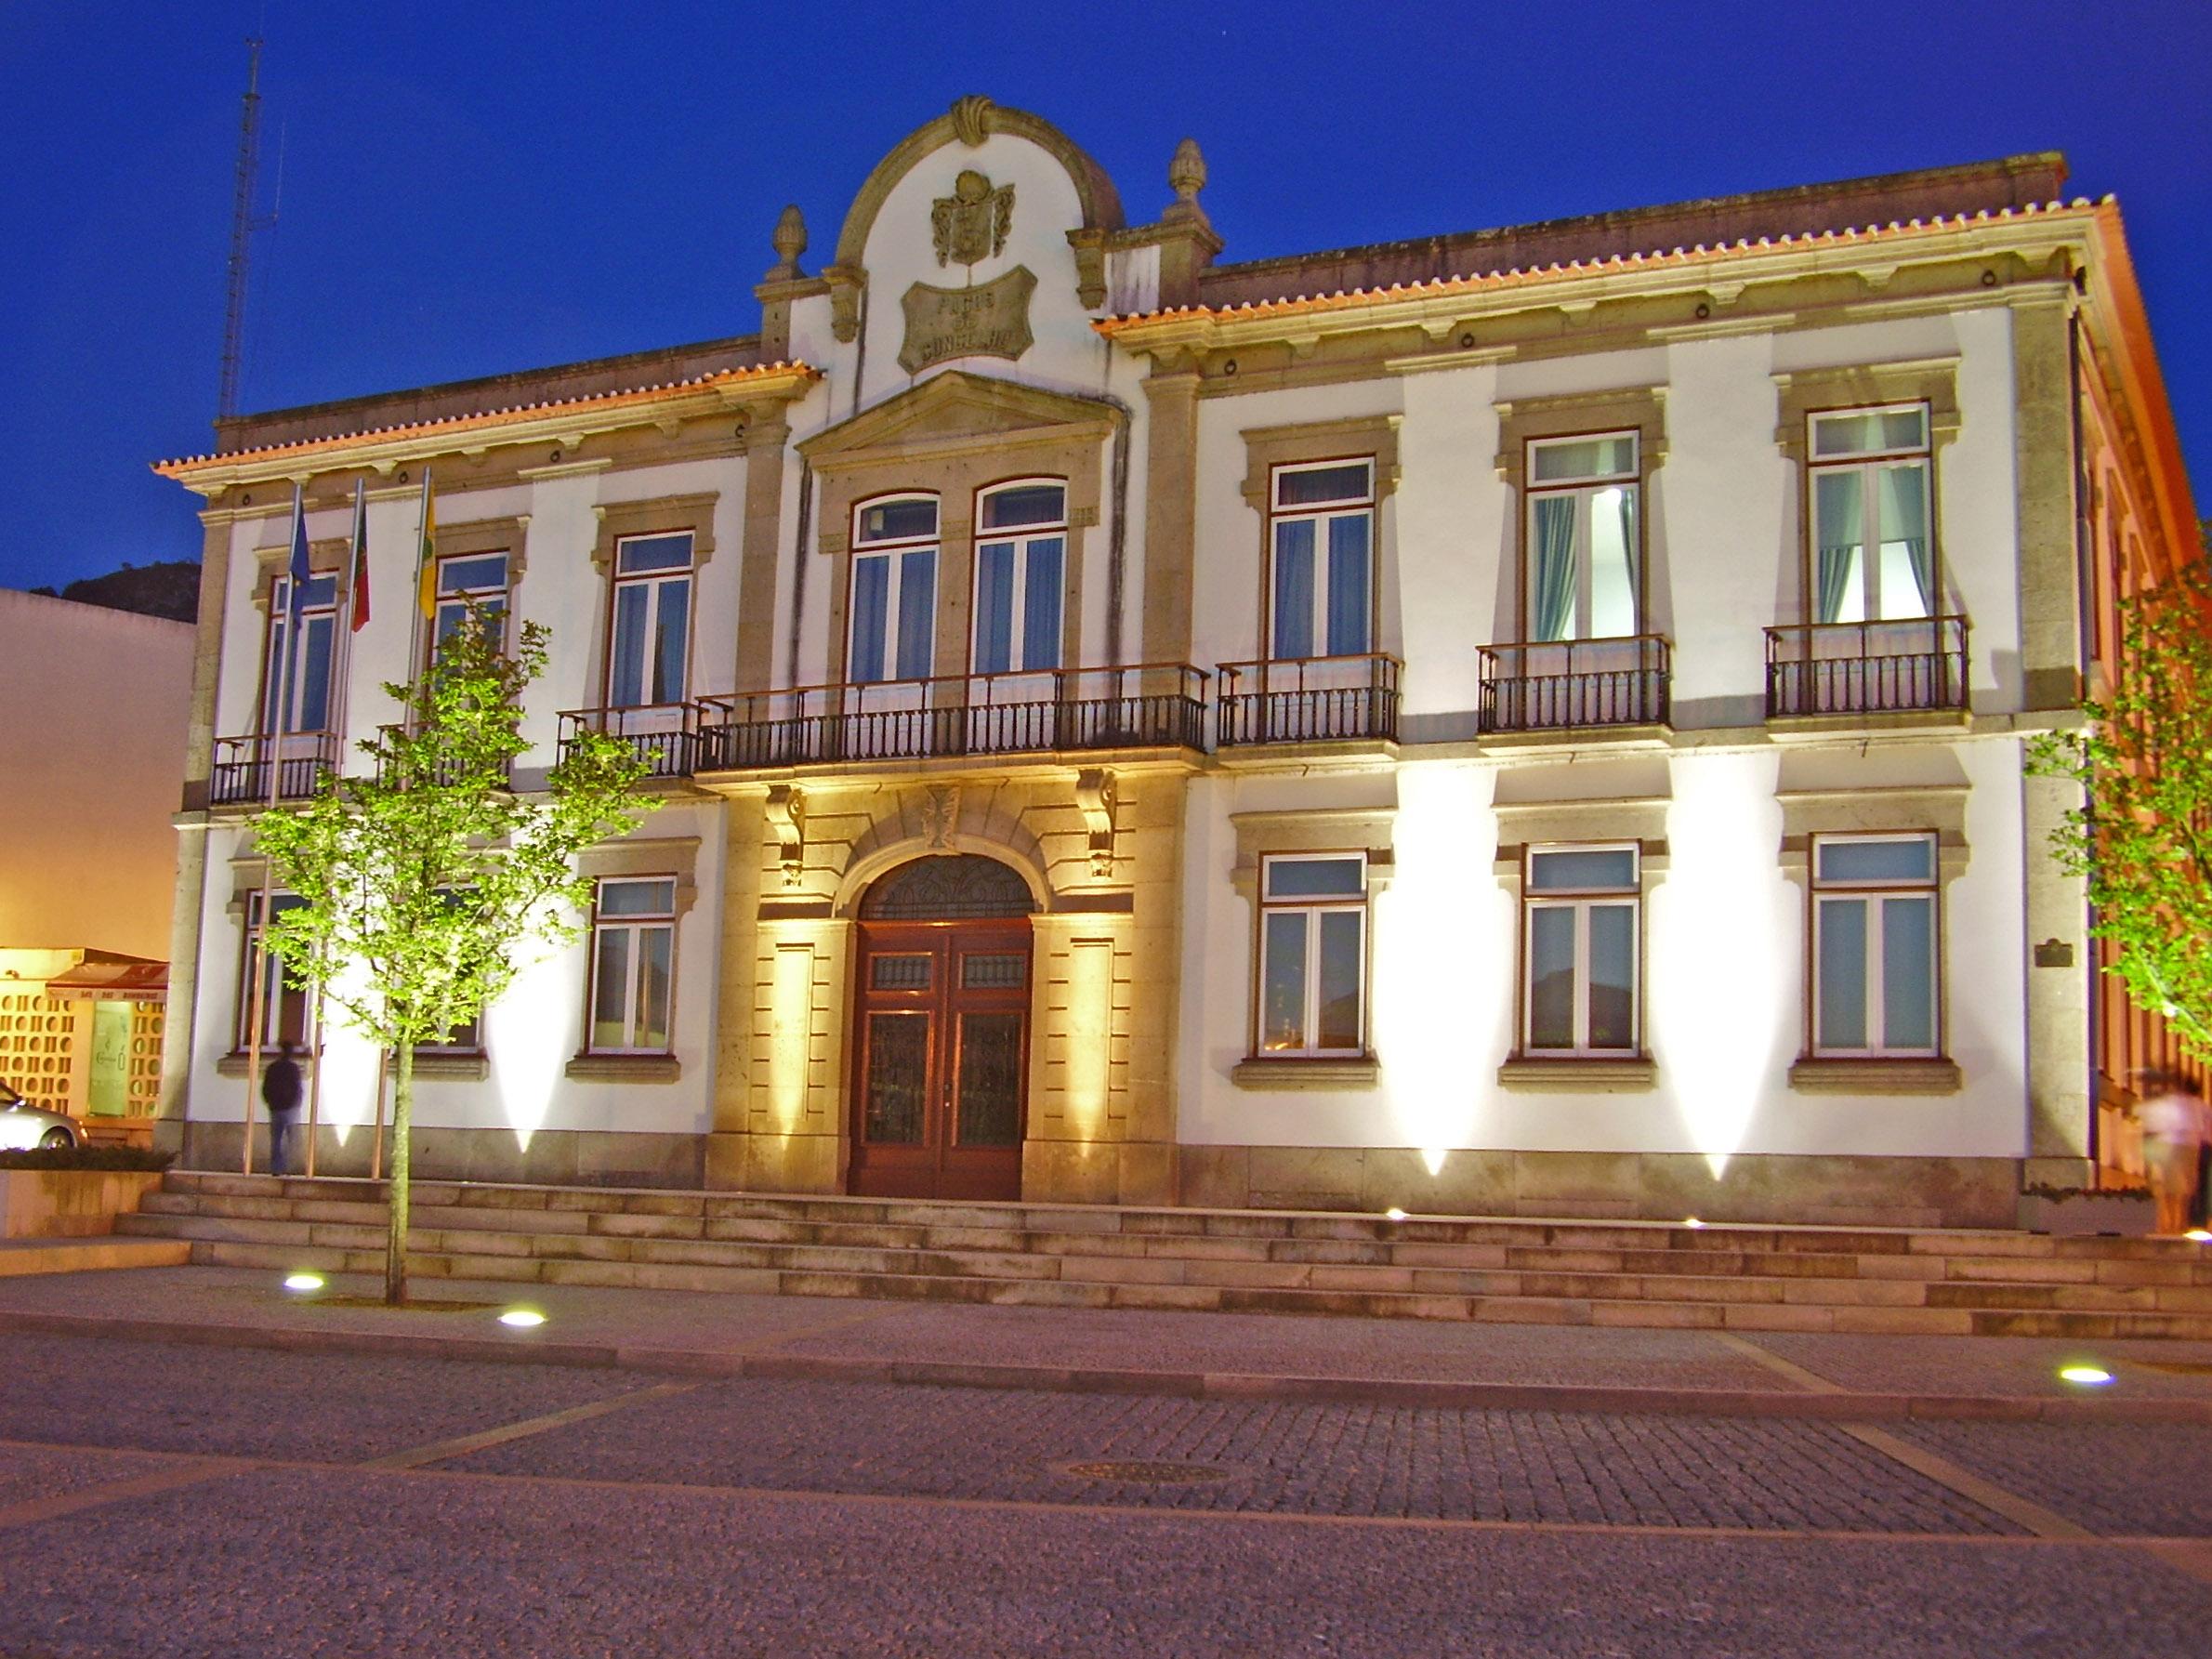 File edif cio da c mara municipal de vila nova de cerveira - Vilanova de cerveira ...